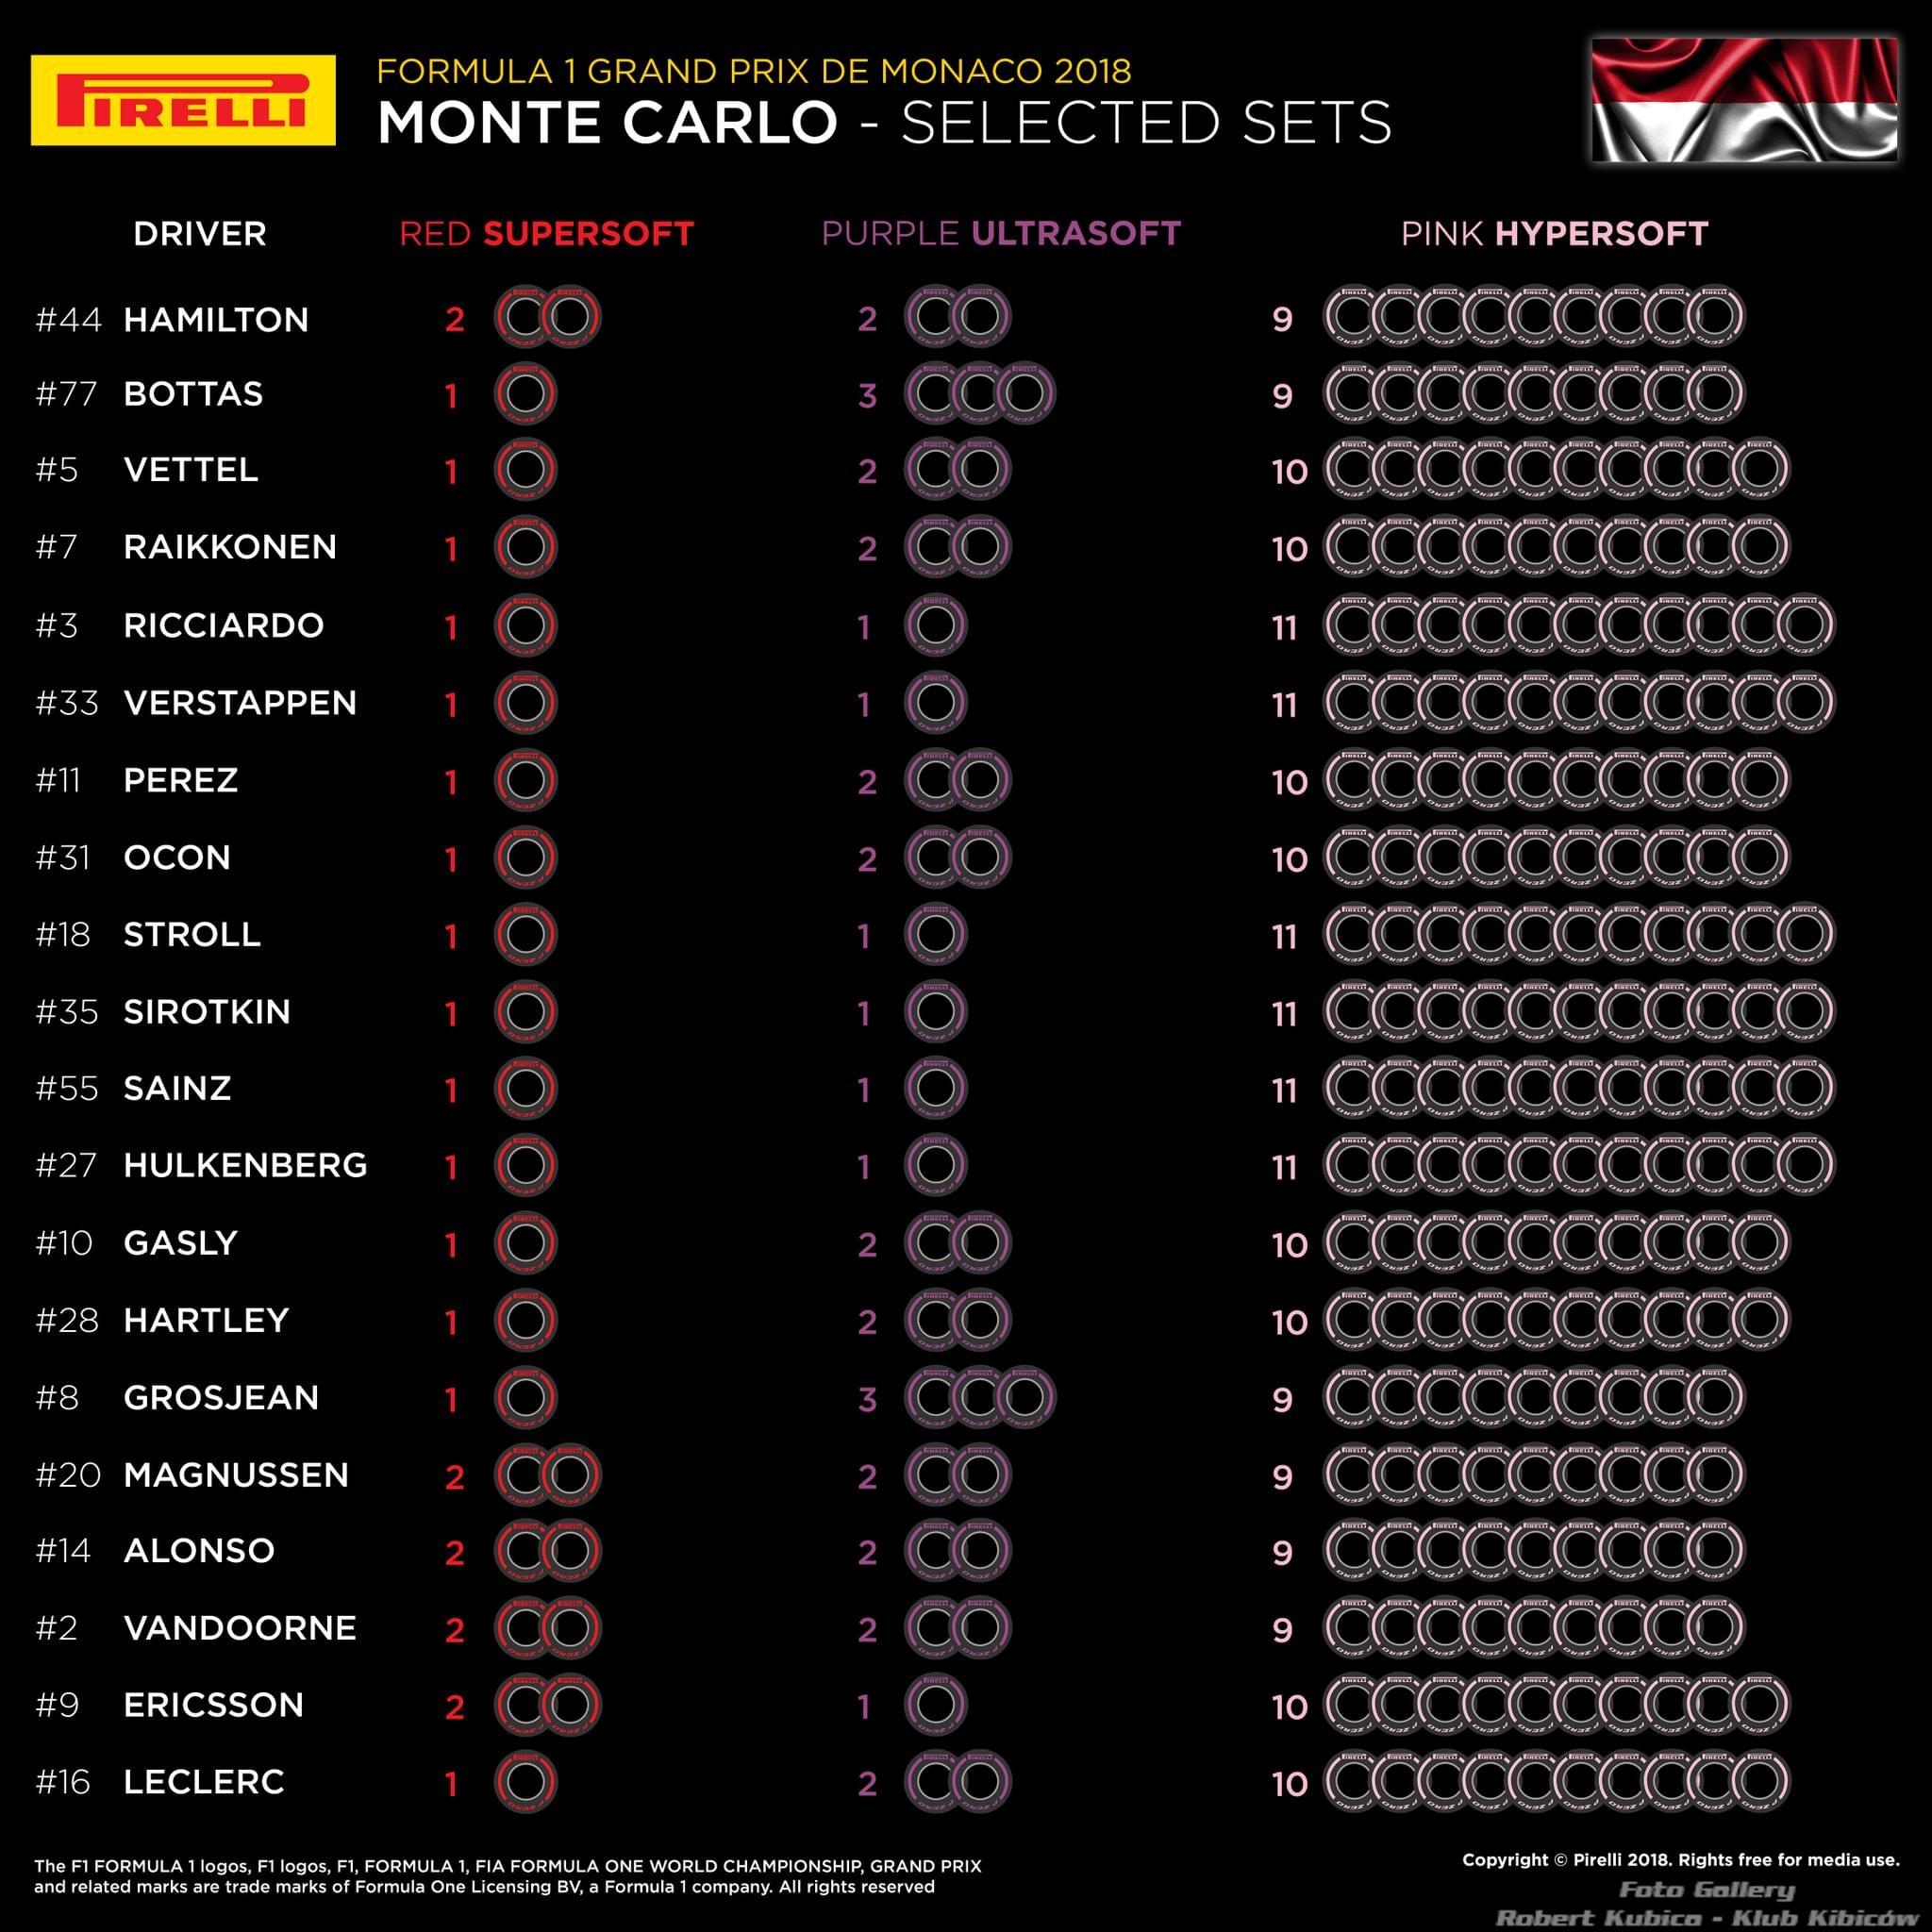 Opony na GP Monaco 2018